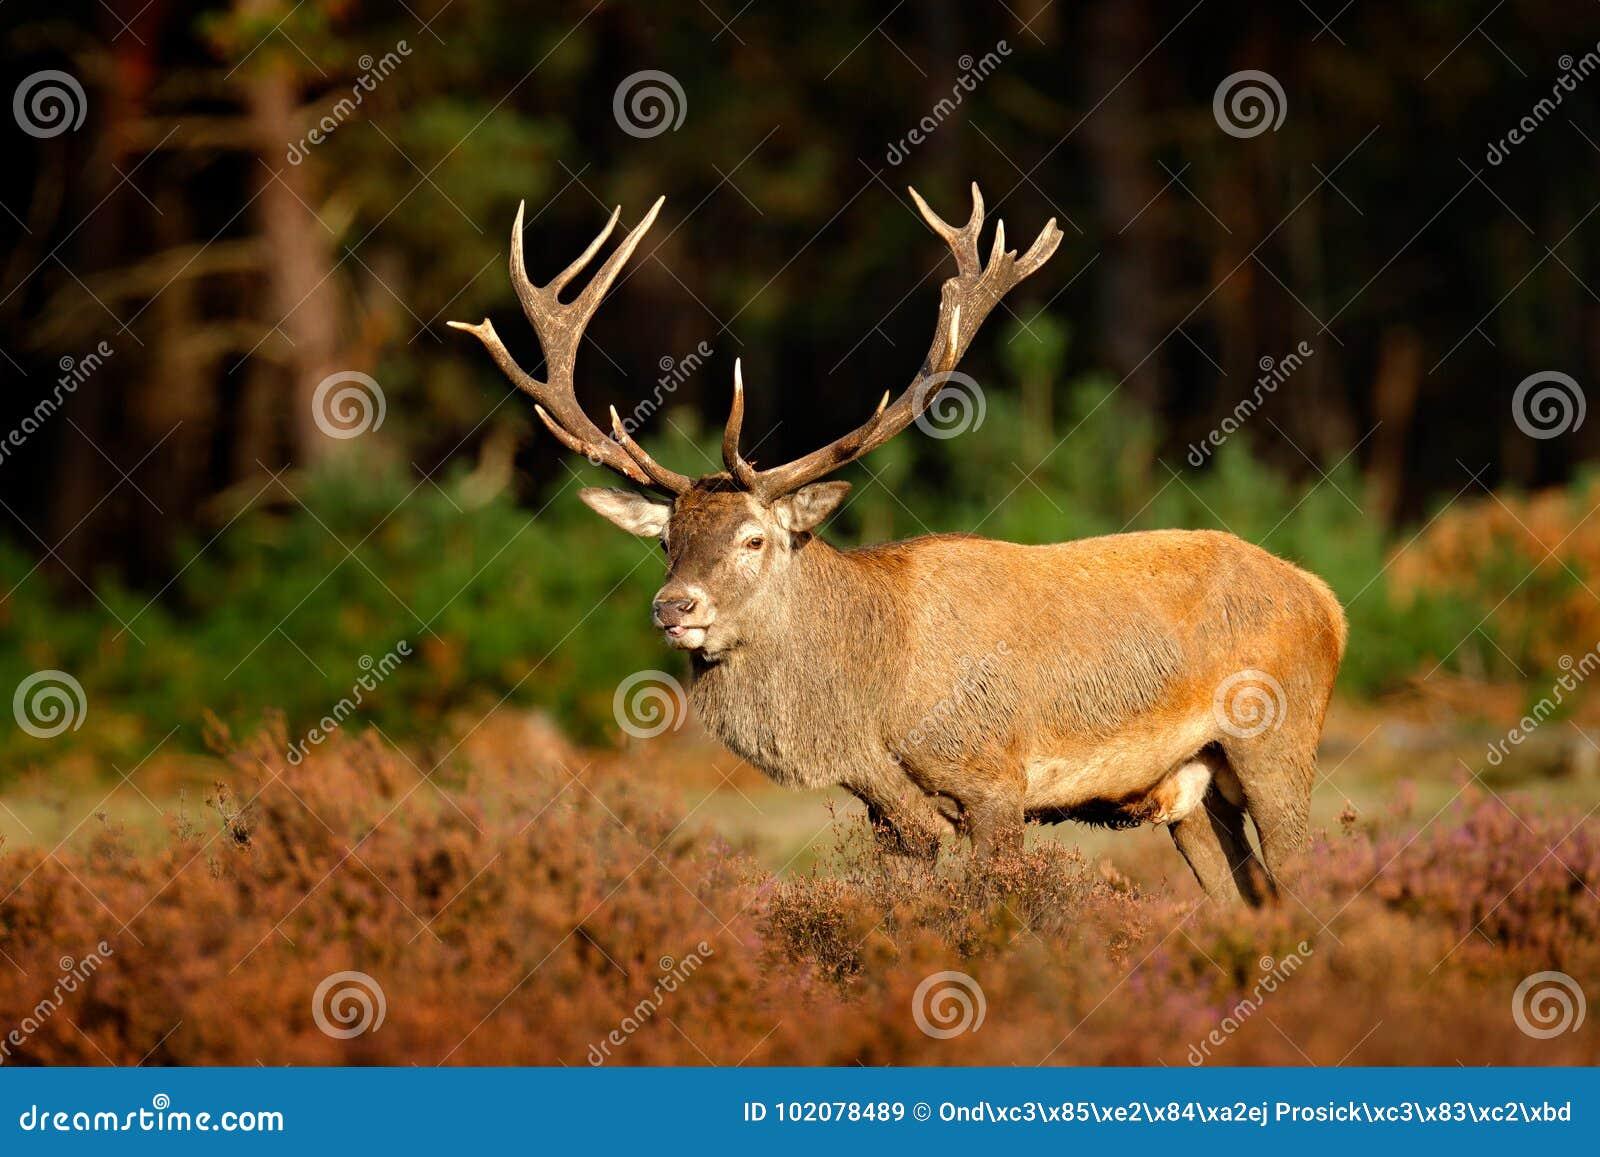 Красные олени, прокладывать сезон в Hoge Veluwe, Нидерланды Рогач оленей, ревет величественное мощное взрослое животное вне древе